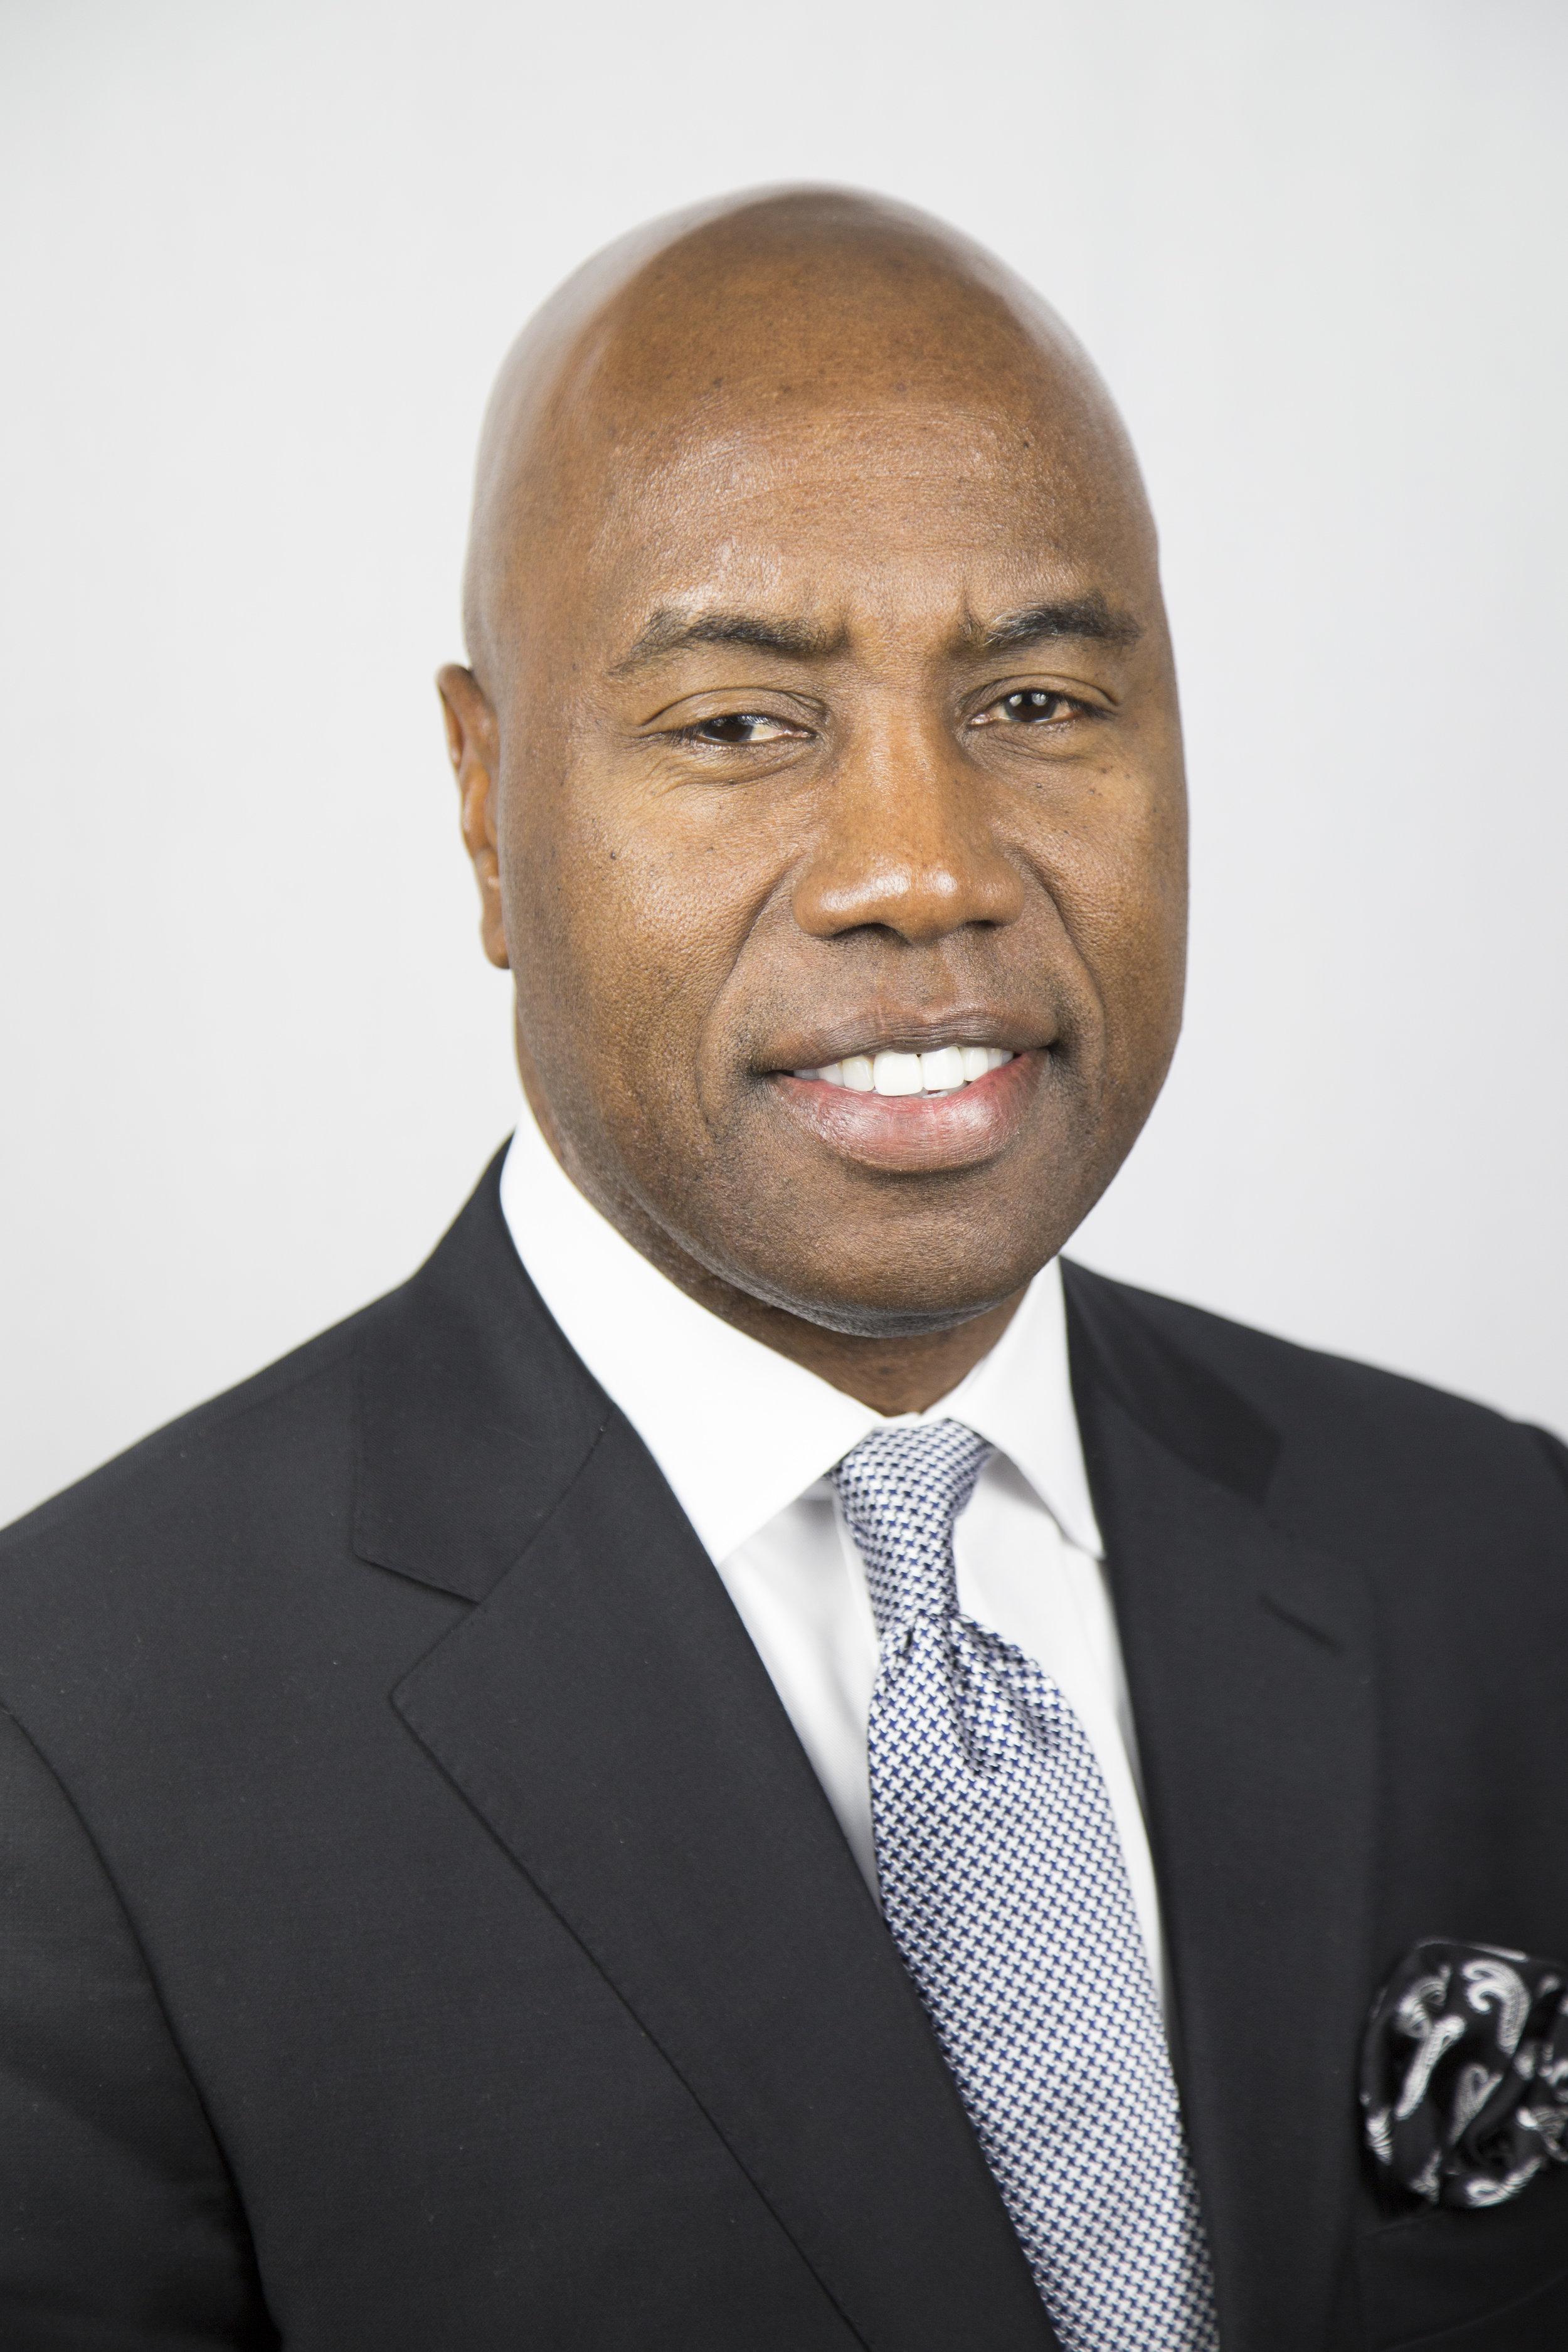 Alvin Smith - CEO & FOUNDER